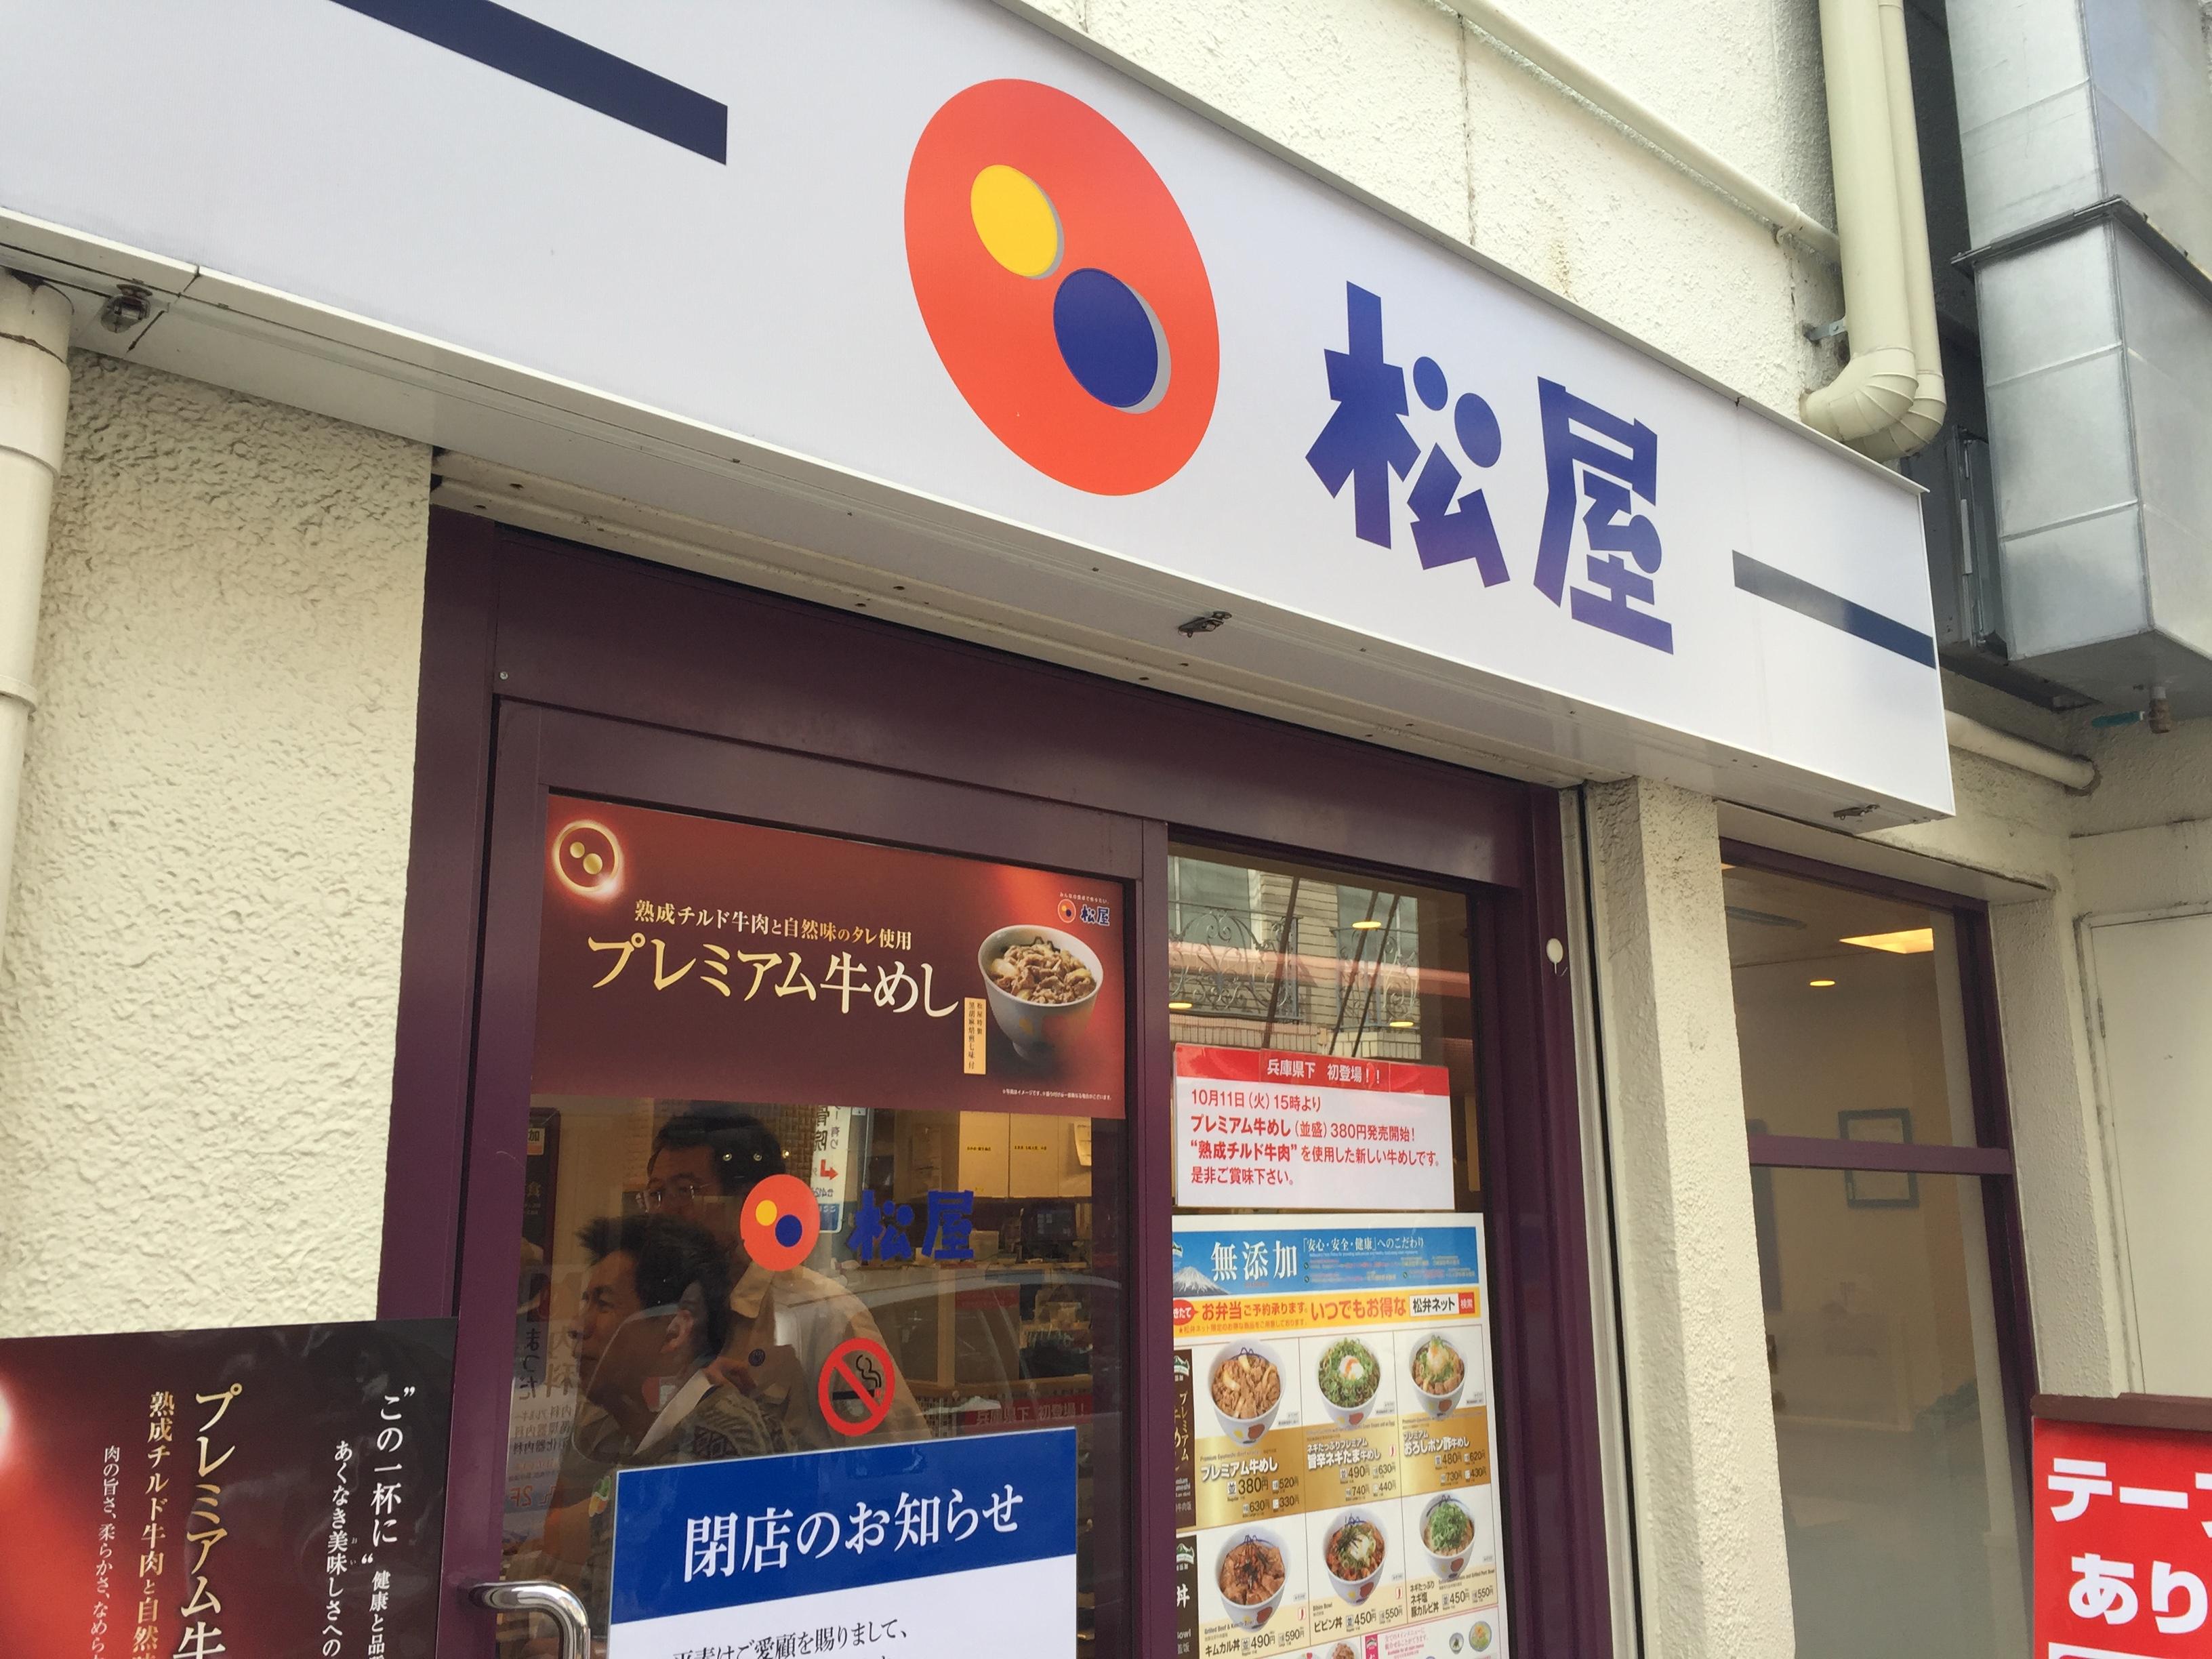 神戸・岡本の牛丼「松屋 岡本店」が11月30日15時で閉店するよ【お知らせ】